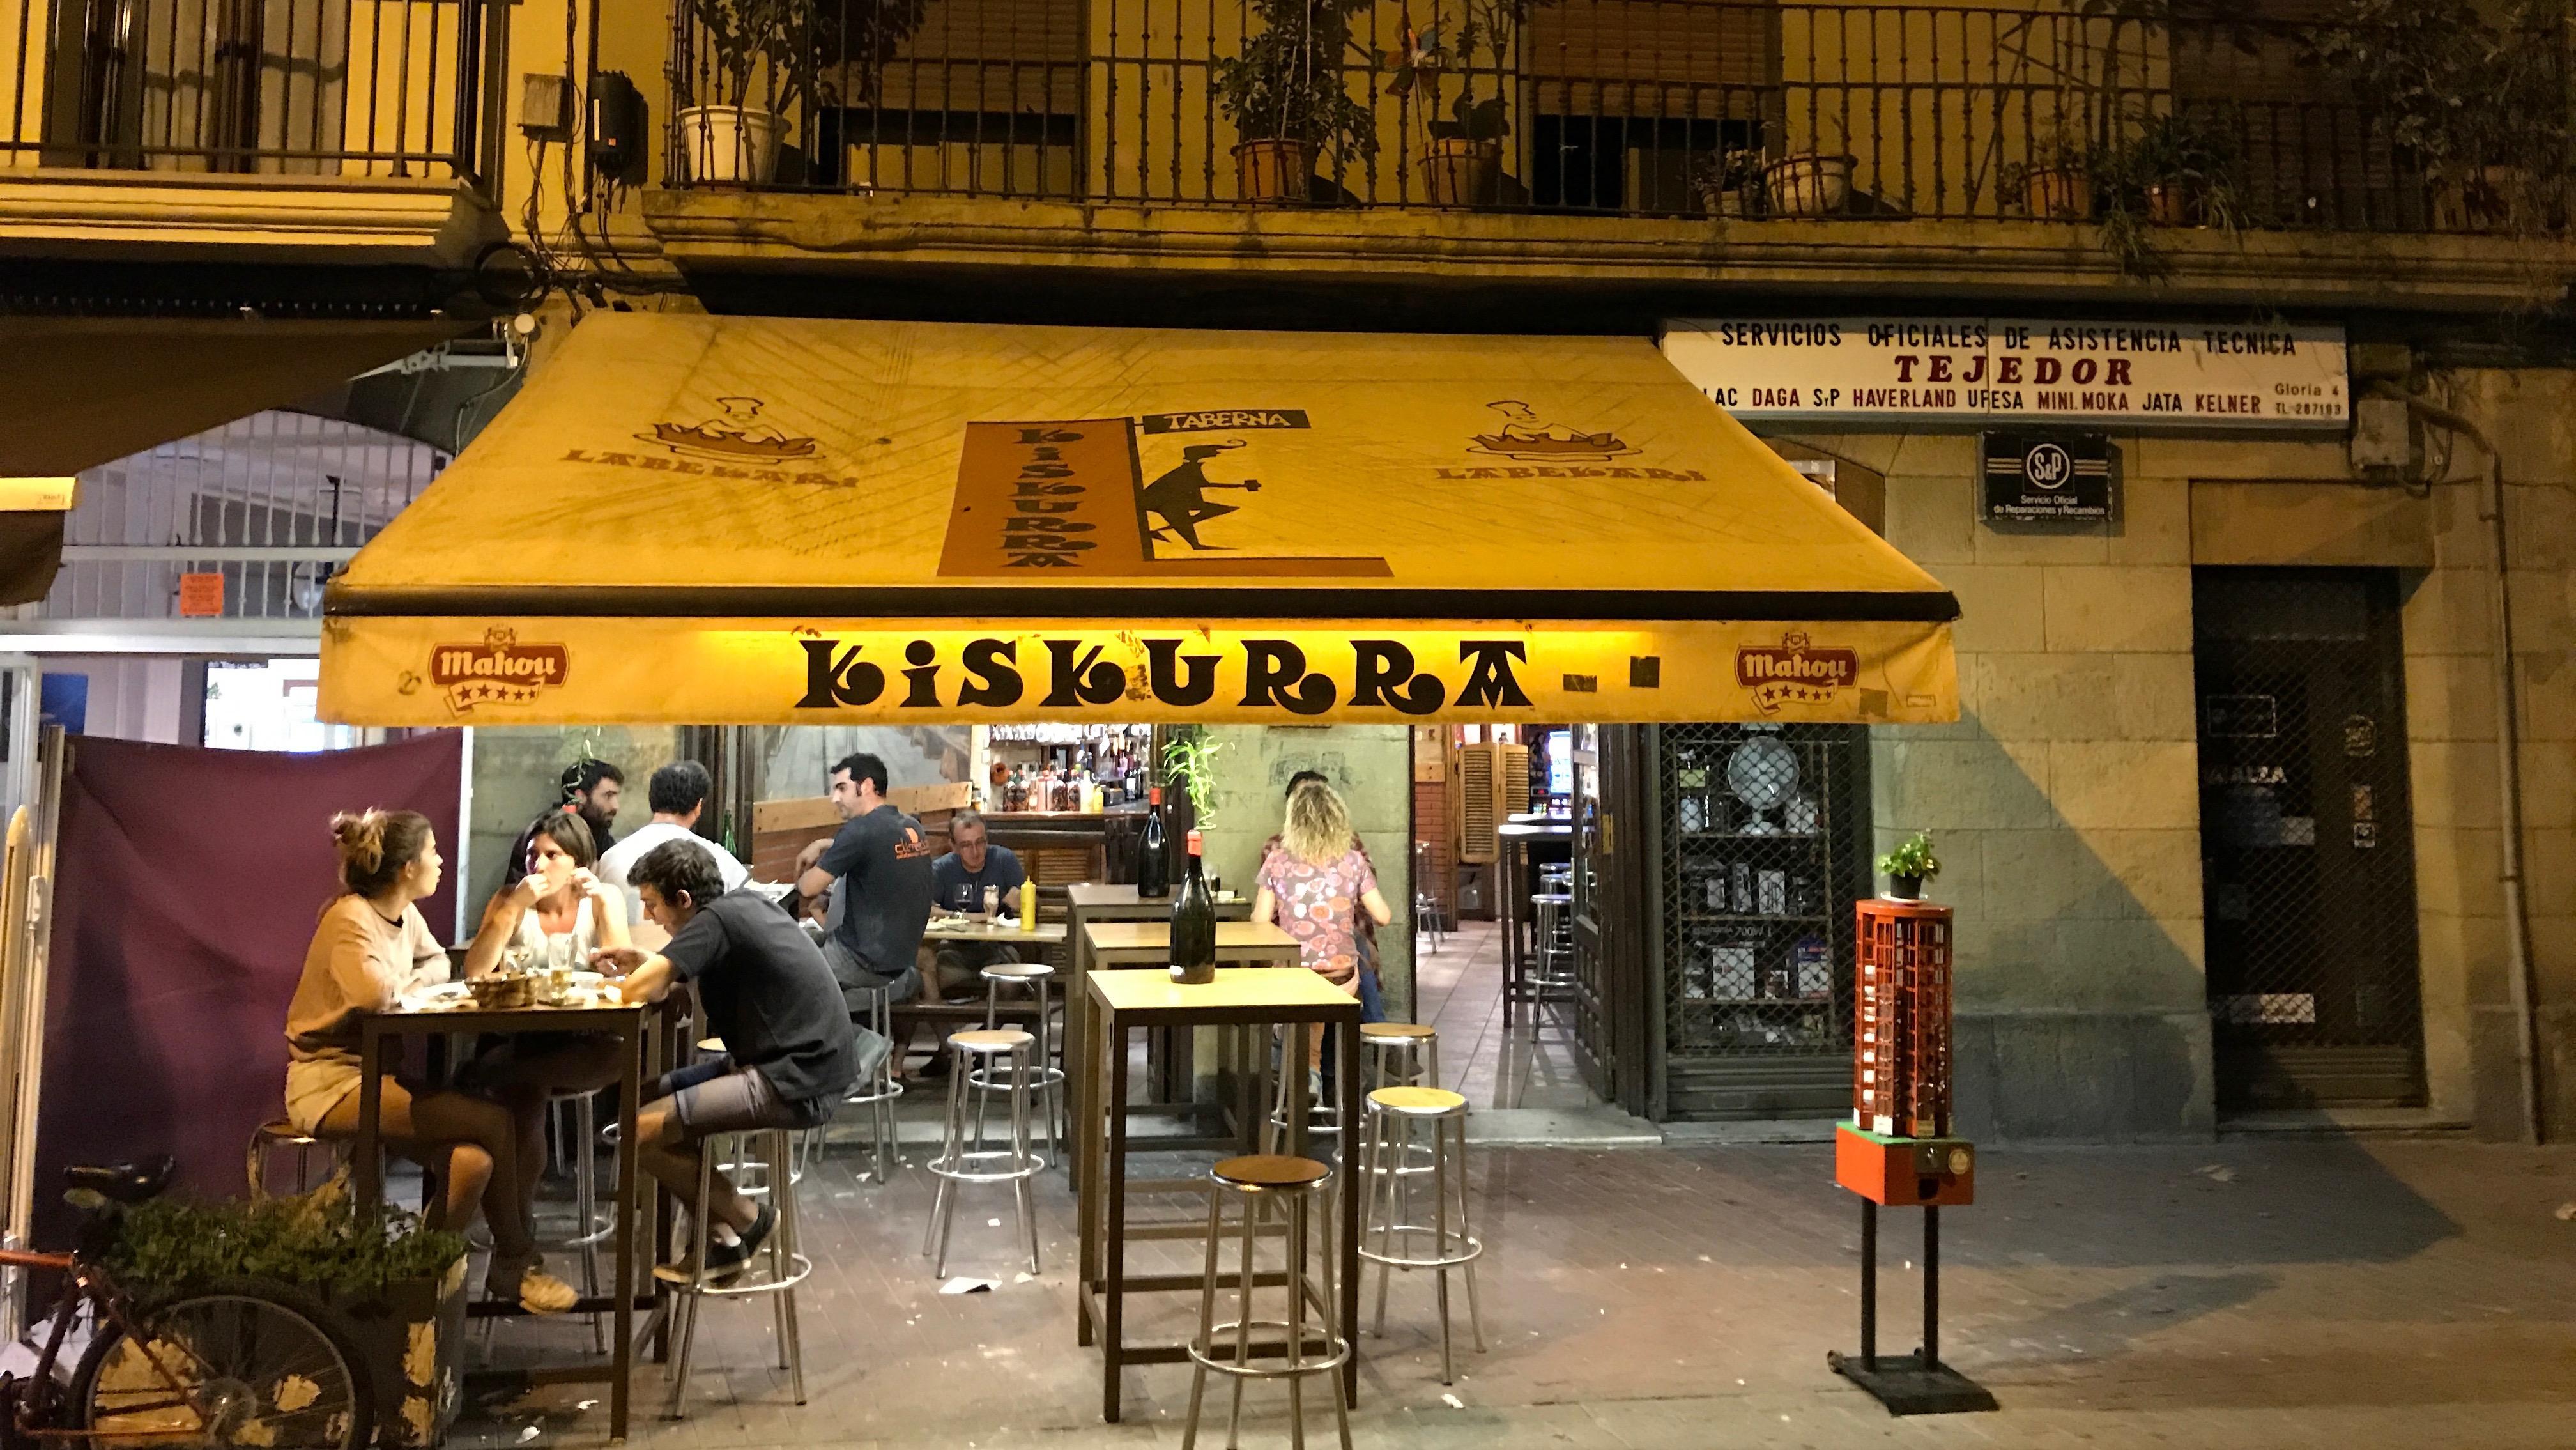 Exterior of Kixkurra Taberna 1987, San Sebastián.